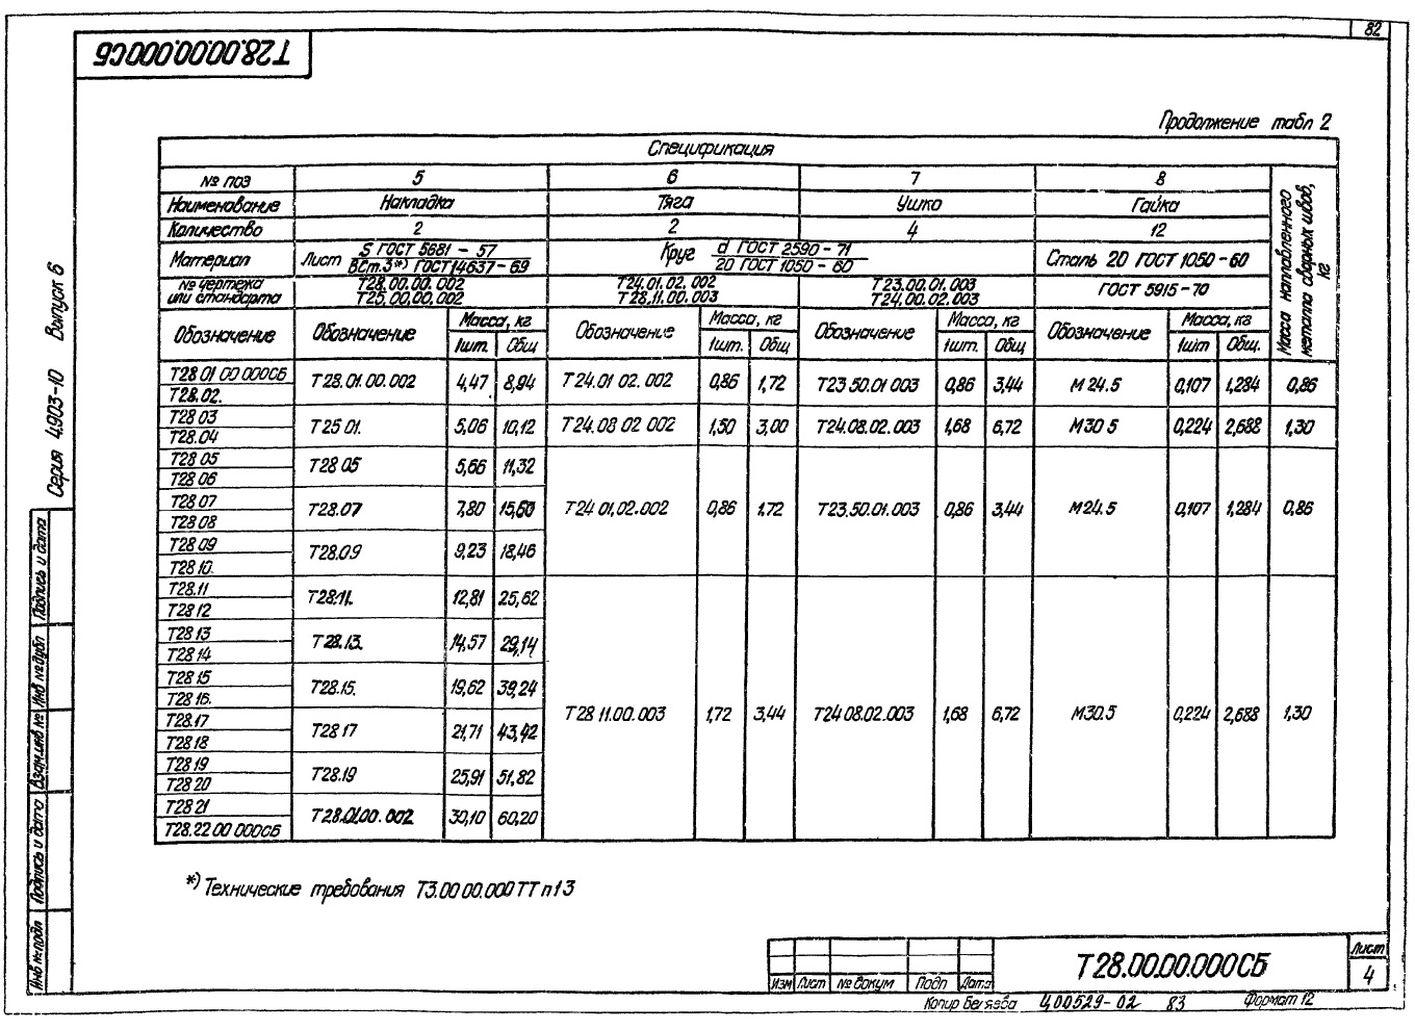 Опоры подвесные пружинные Т28 с.4.903-10 вып.6 стр.4